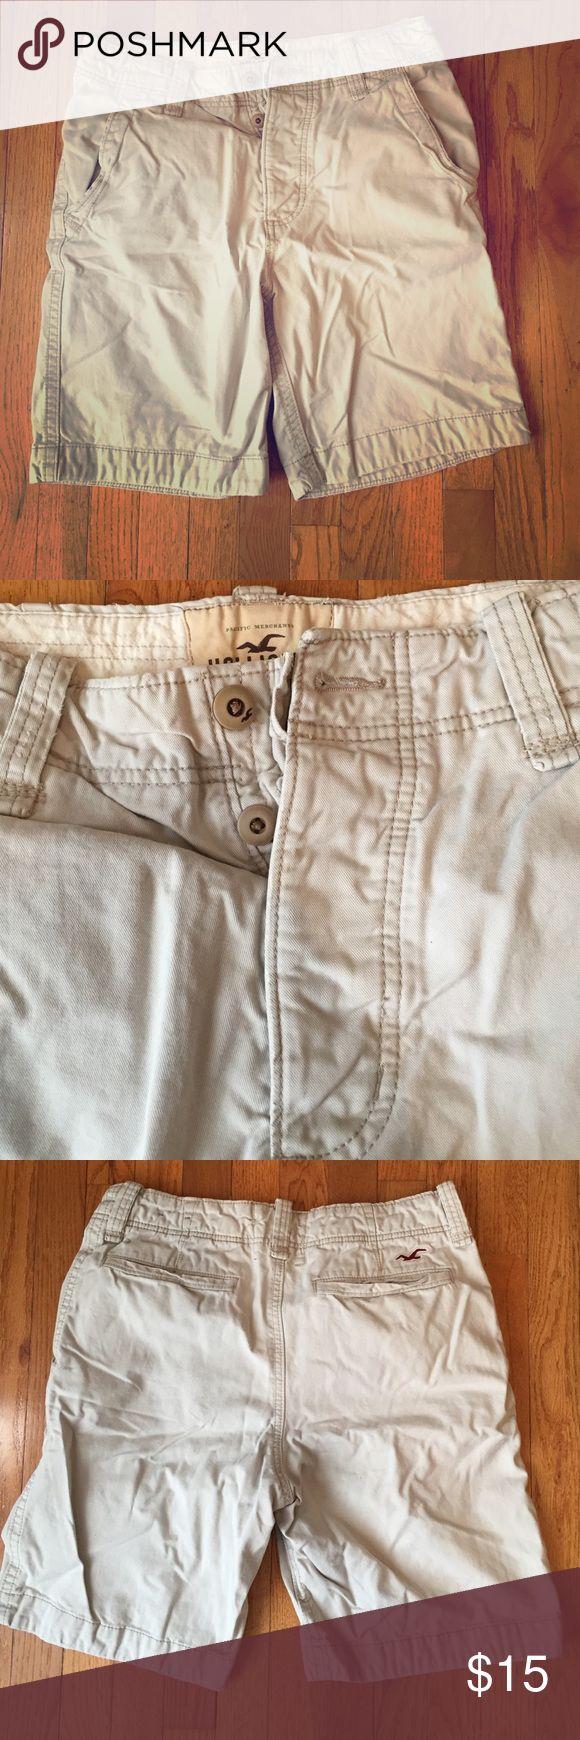 Men's cargo shorts Men's tan cargo shorts. In good condition. Hollister Shorts Cargo